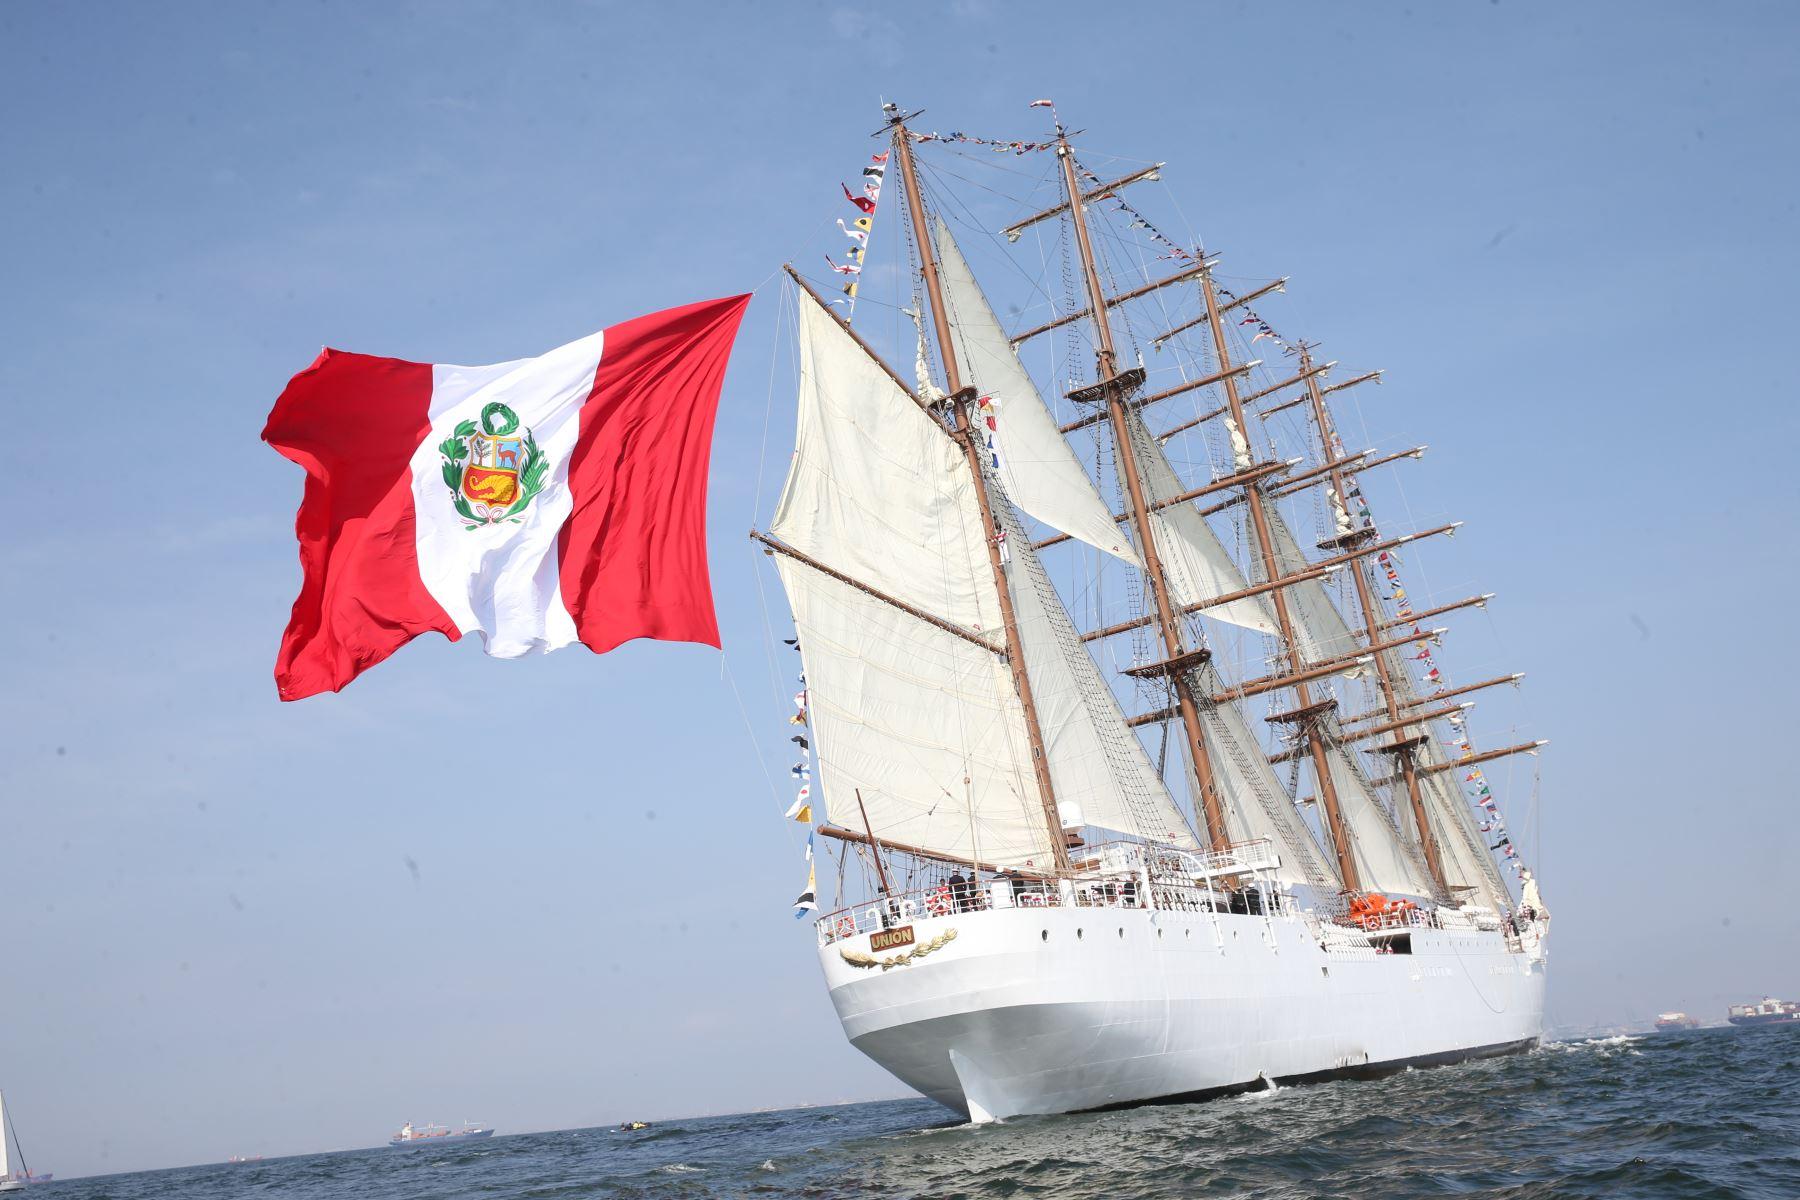 LIMA, PERÚ - NOVIEMBRE 03. Presidente Pedro Pablo Kuczynski presenció arribo oficial del buque escuela a vela BAP Unión al Perú. Foto: ANDINA/Juan Carlos Guzmán Negrini.